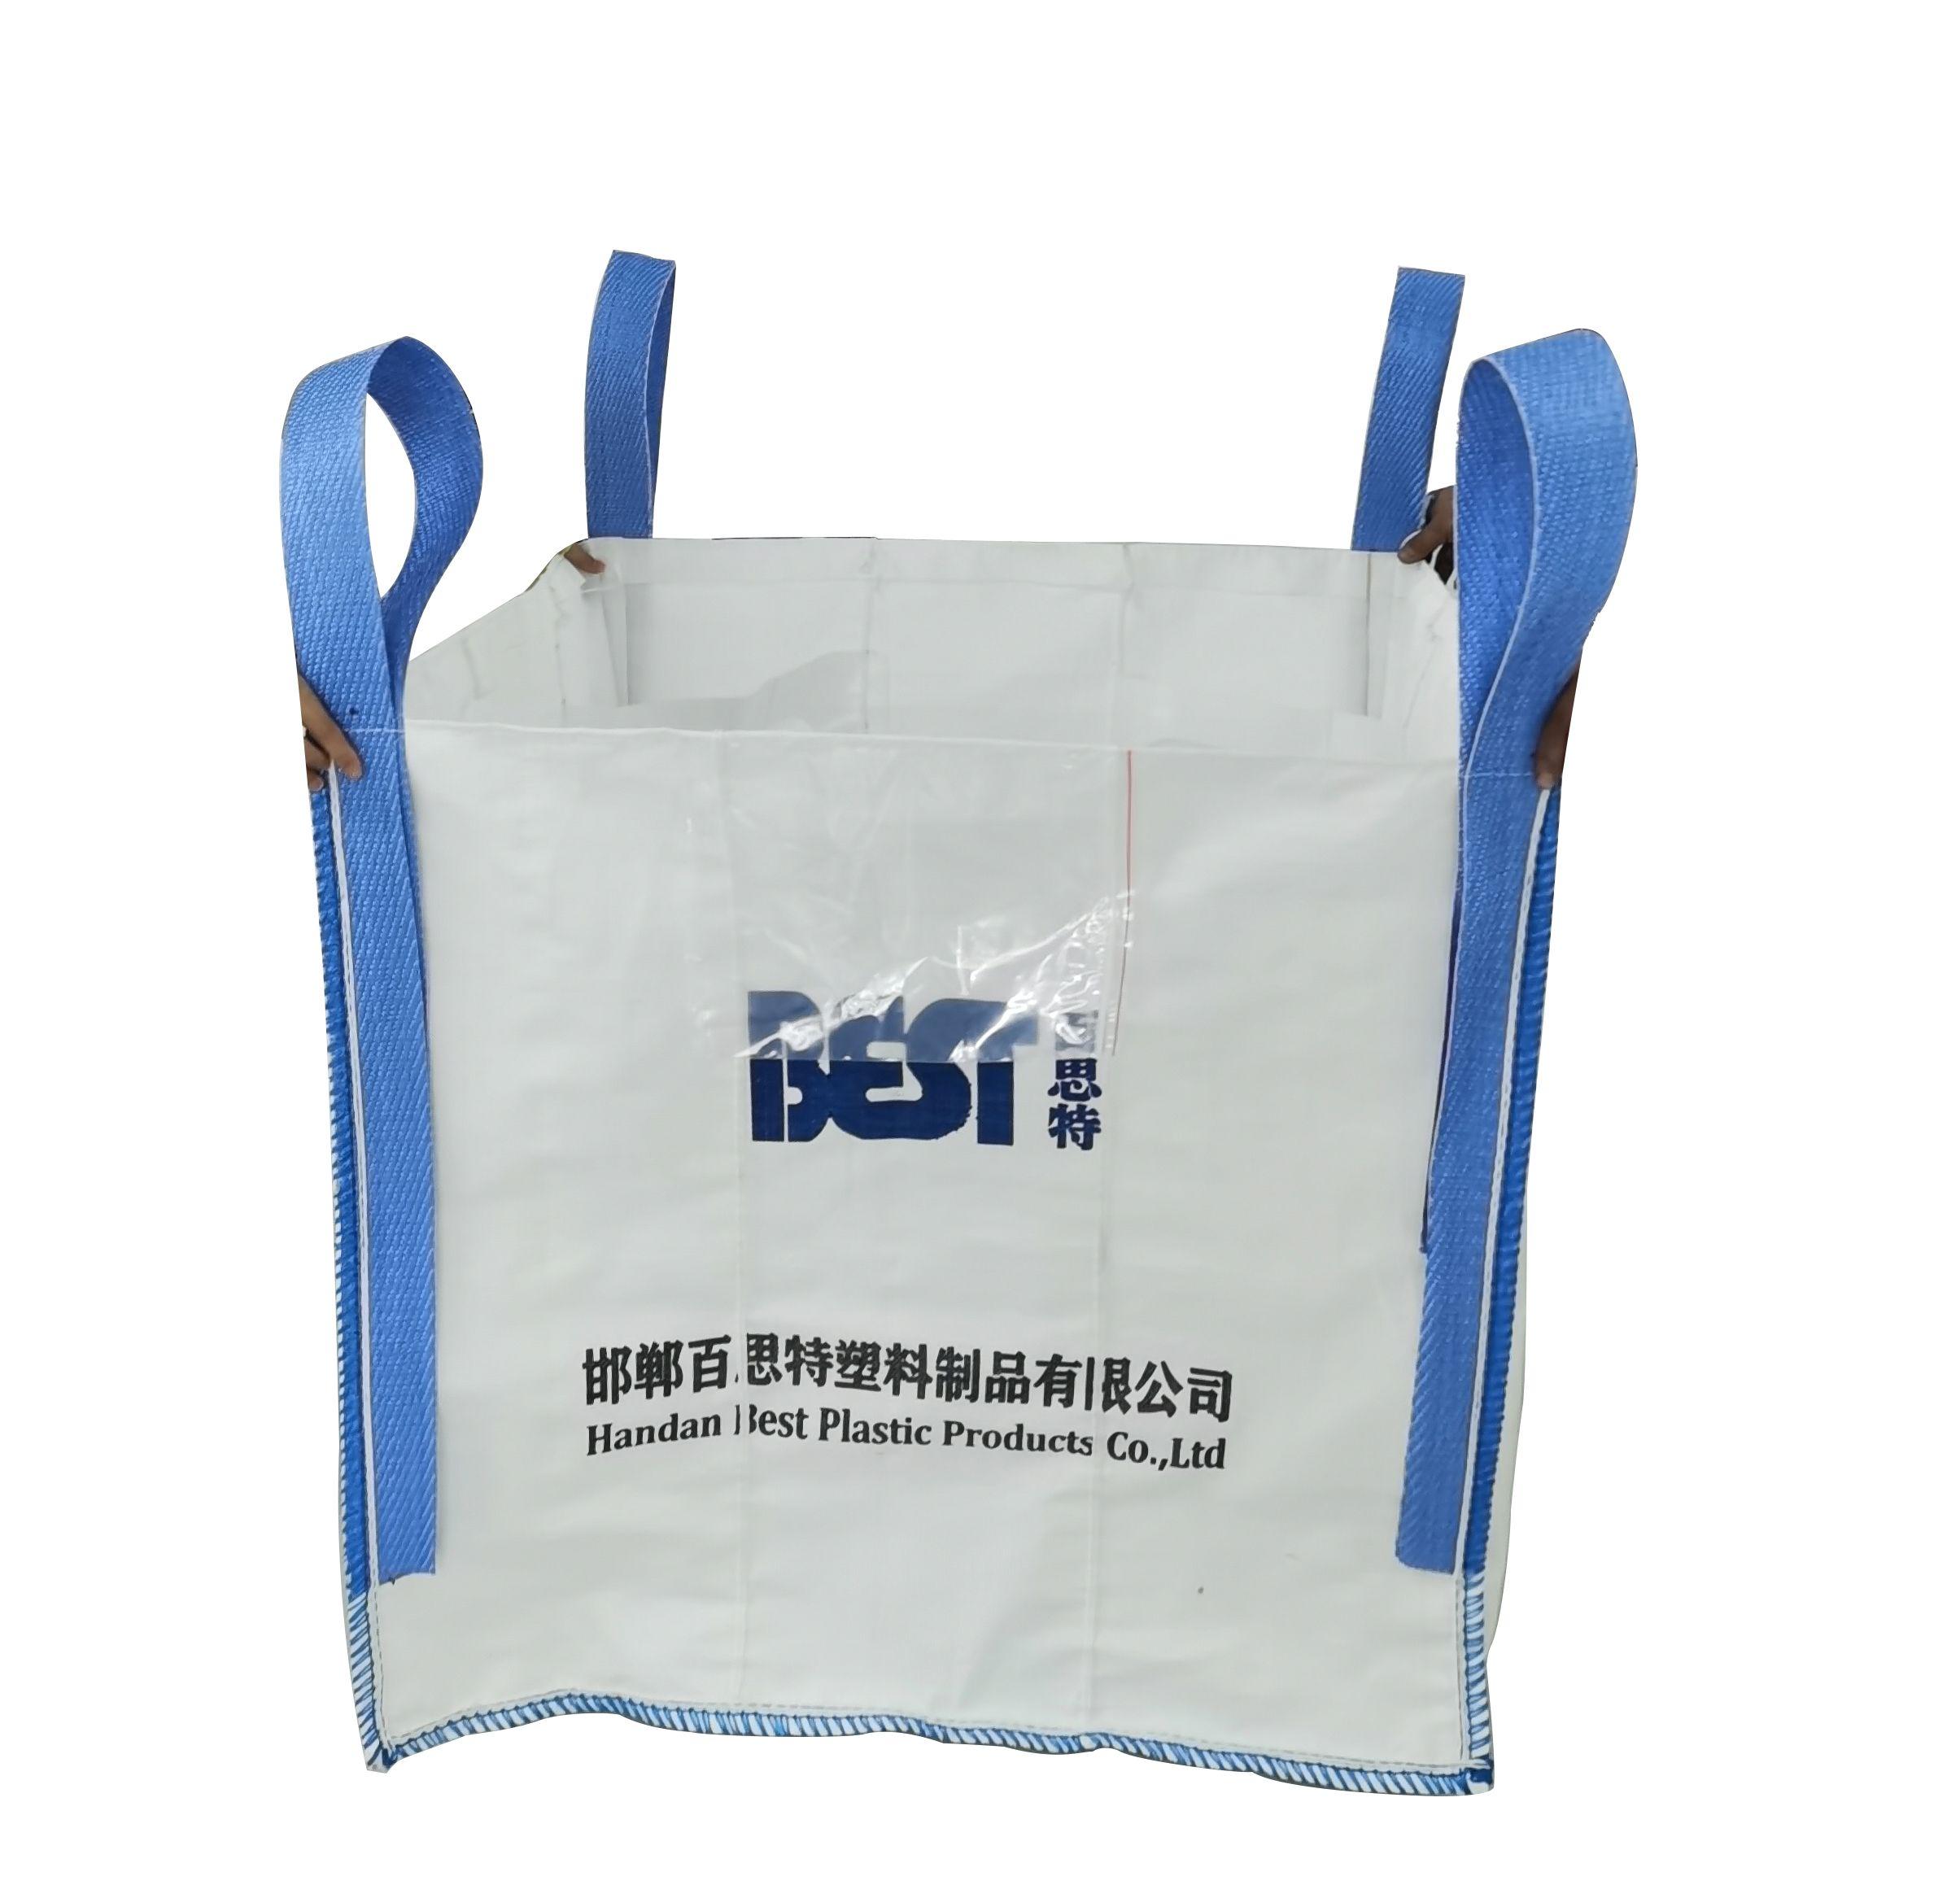 吨袋专业生产厂家厂家直销